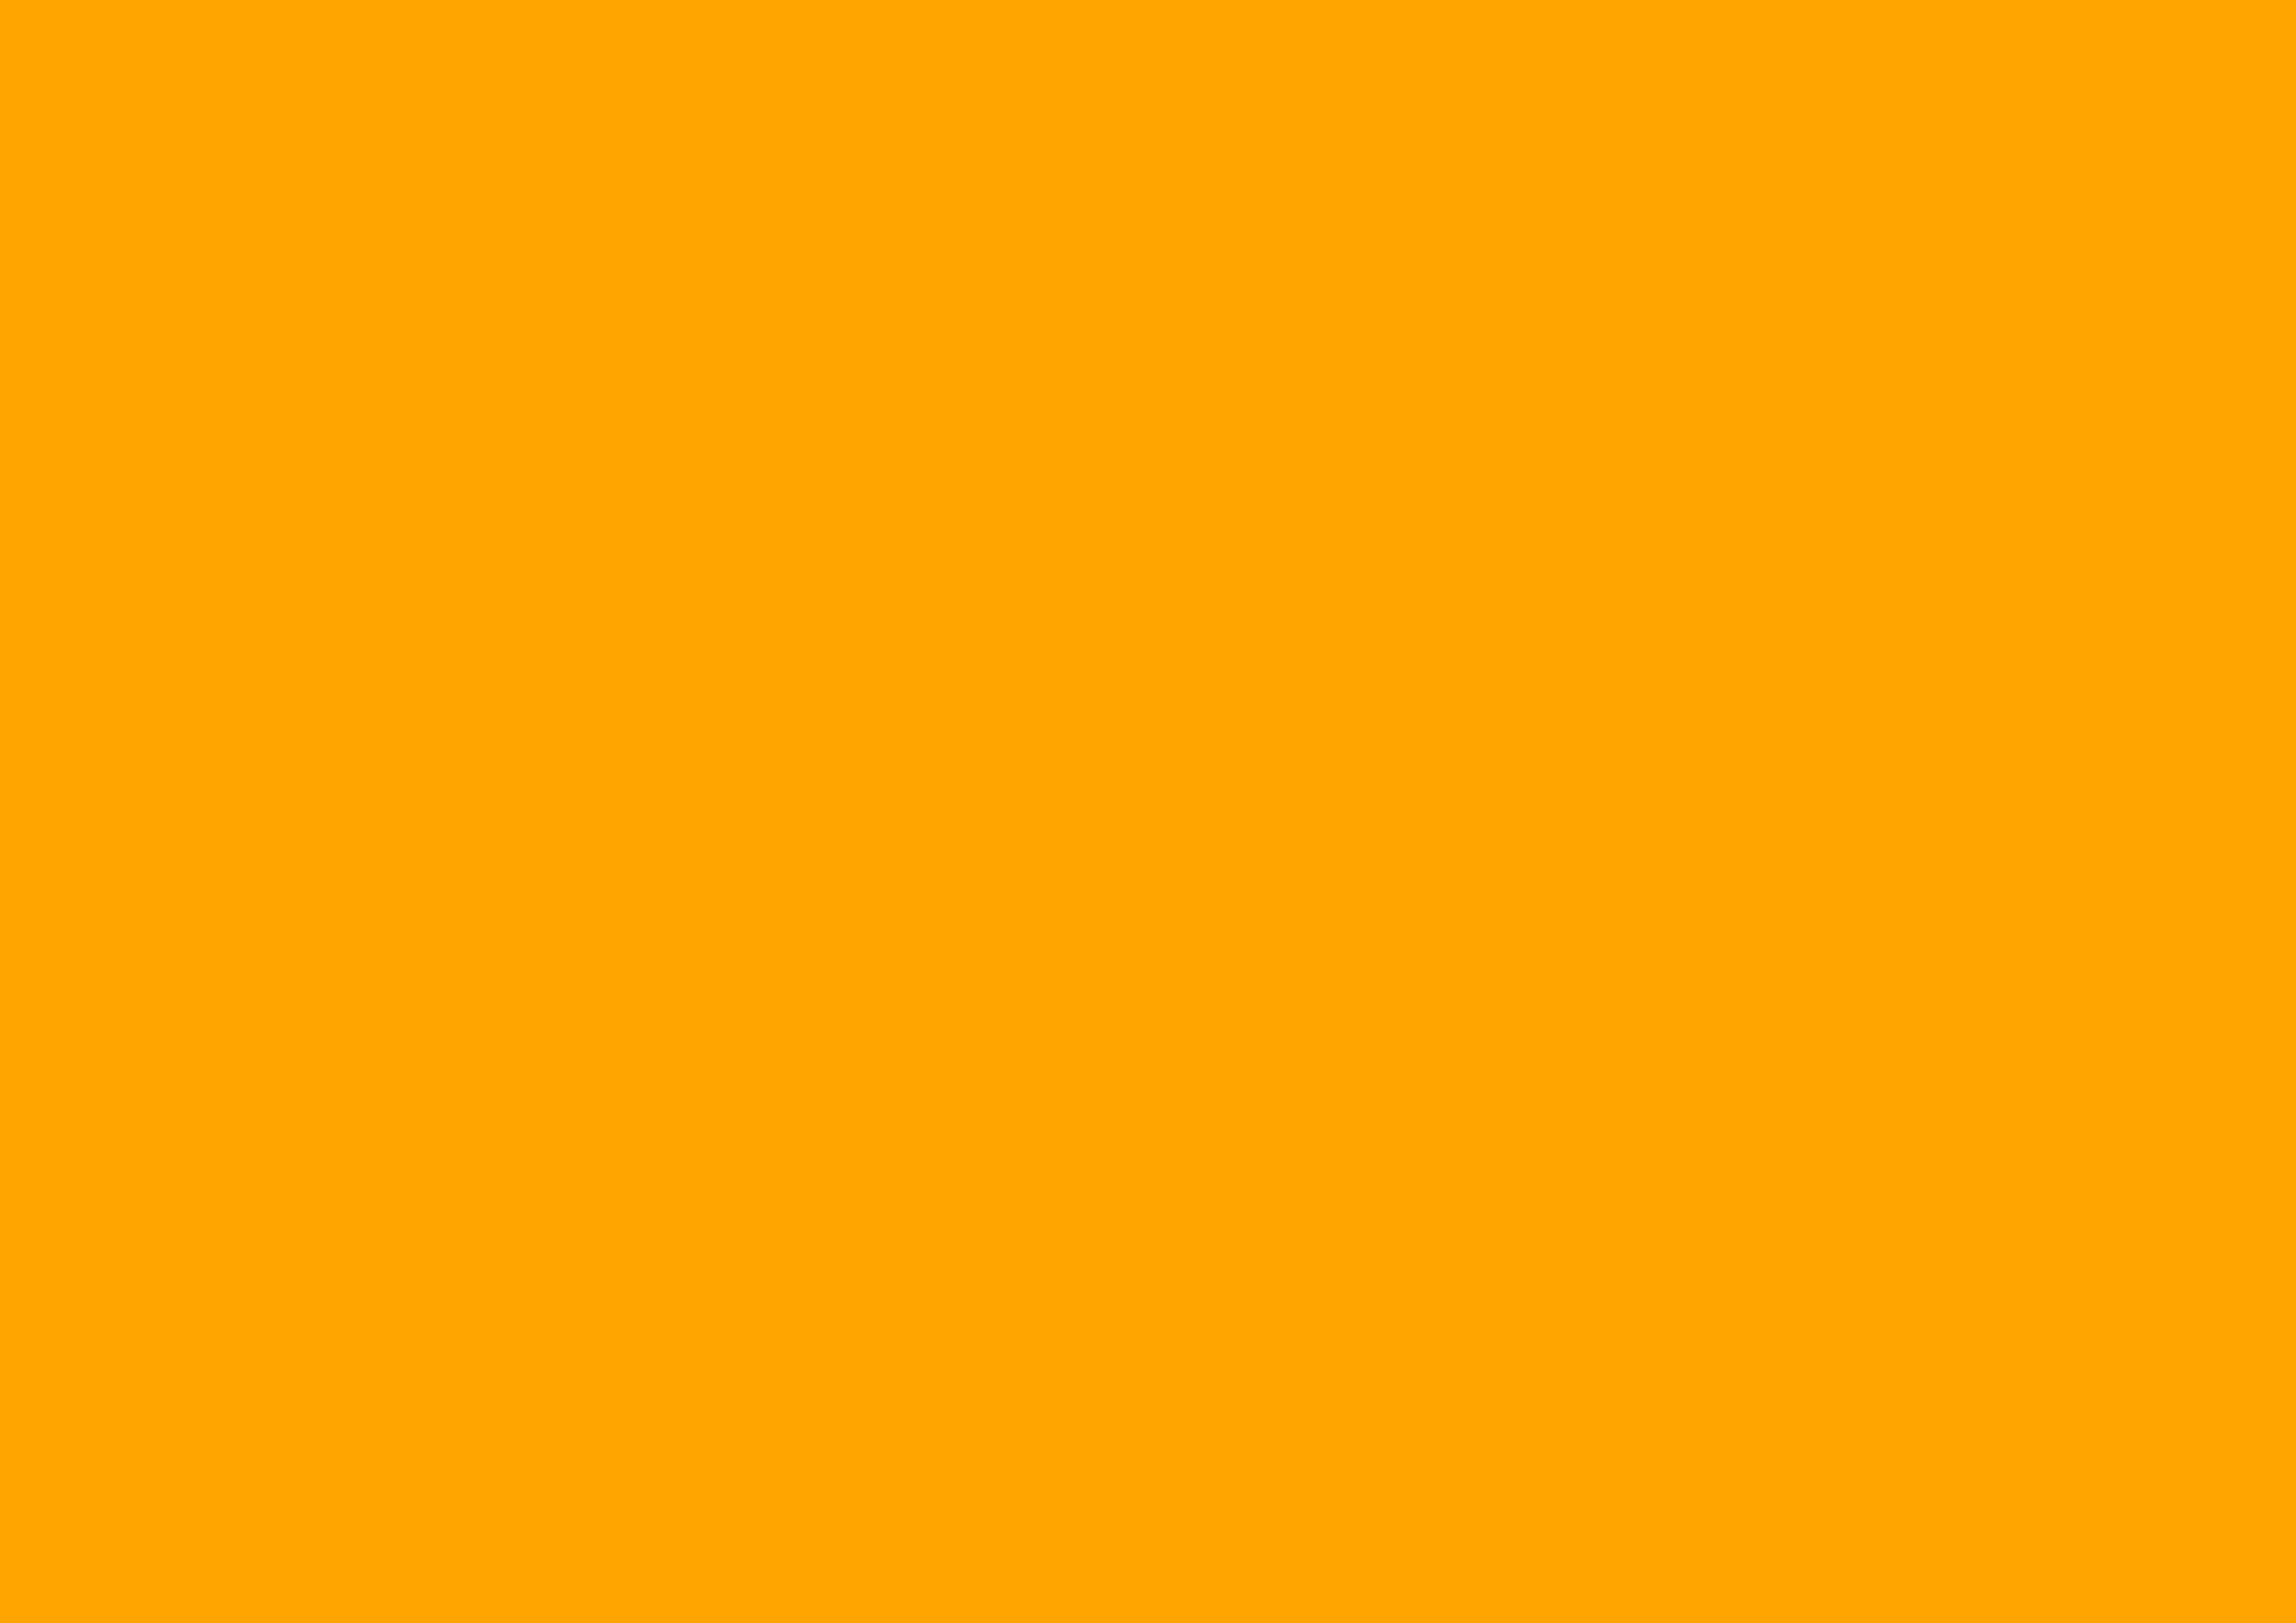 3508x2480 Orange Web Solid Color Background